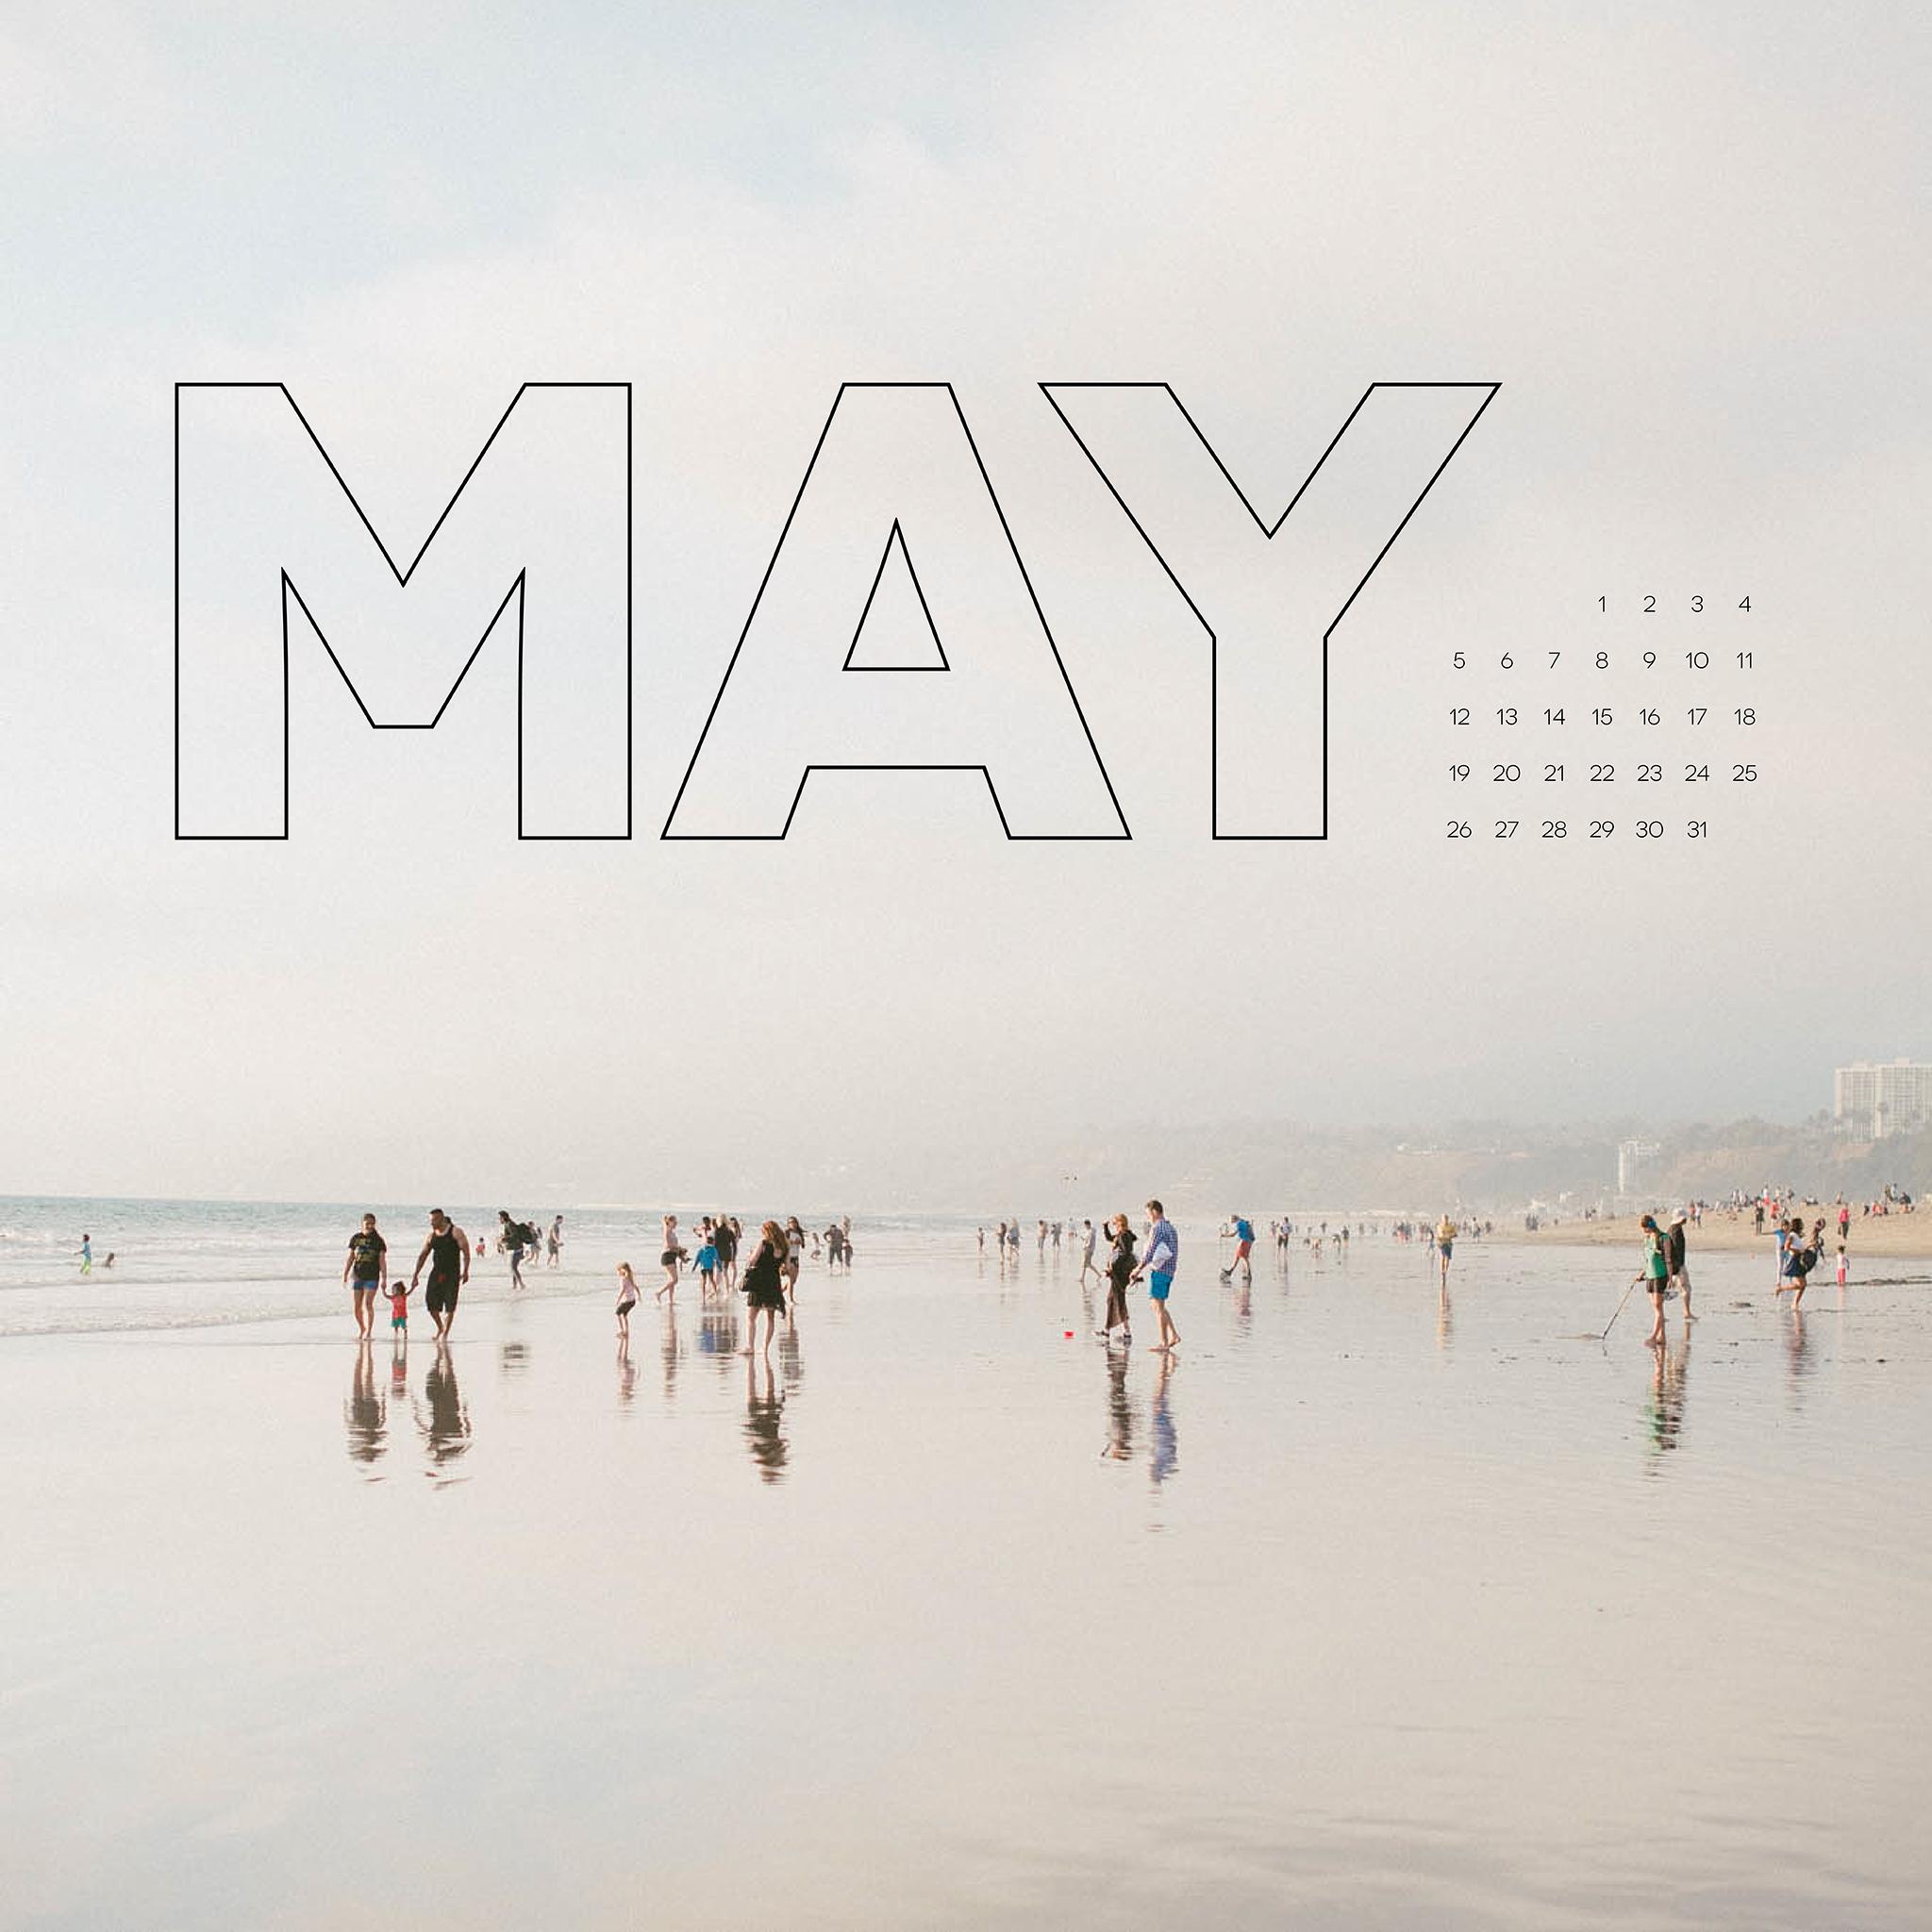 02 May Desktop Calendar - TSH_2048x2048.png